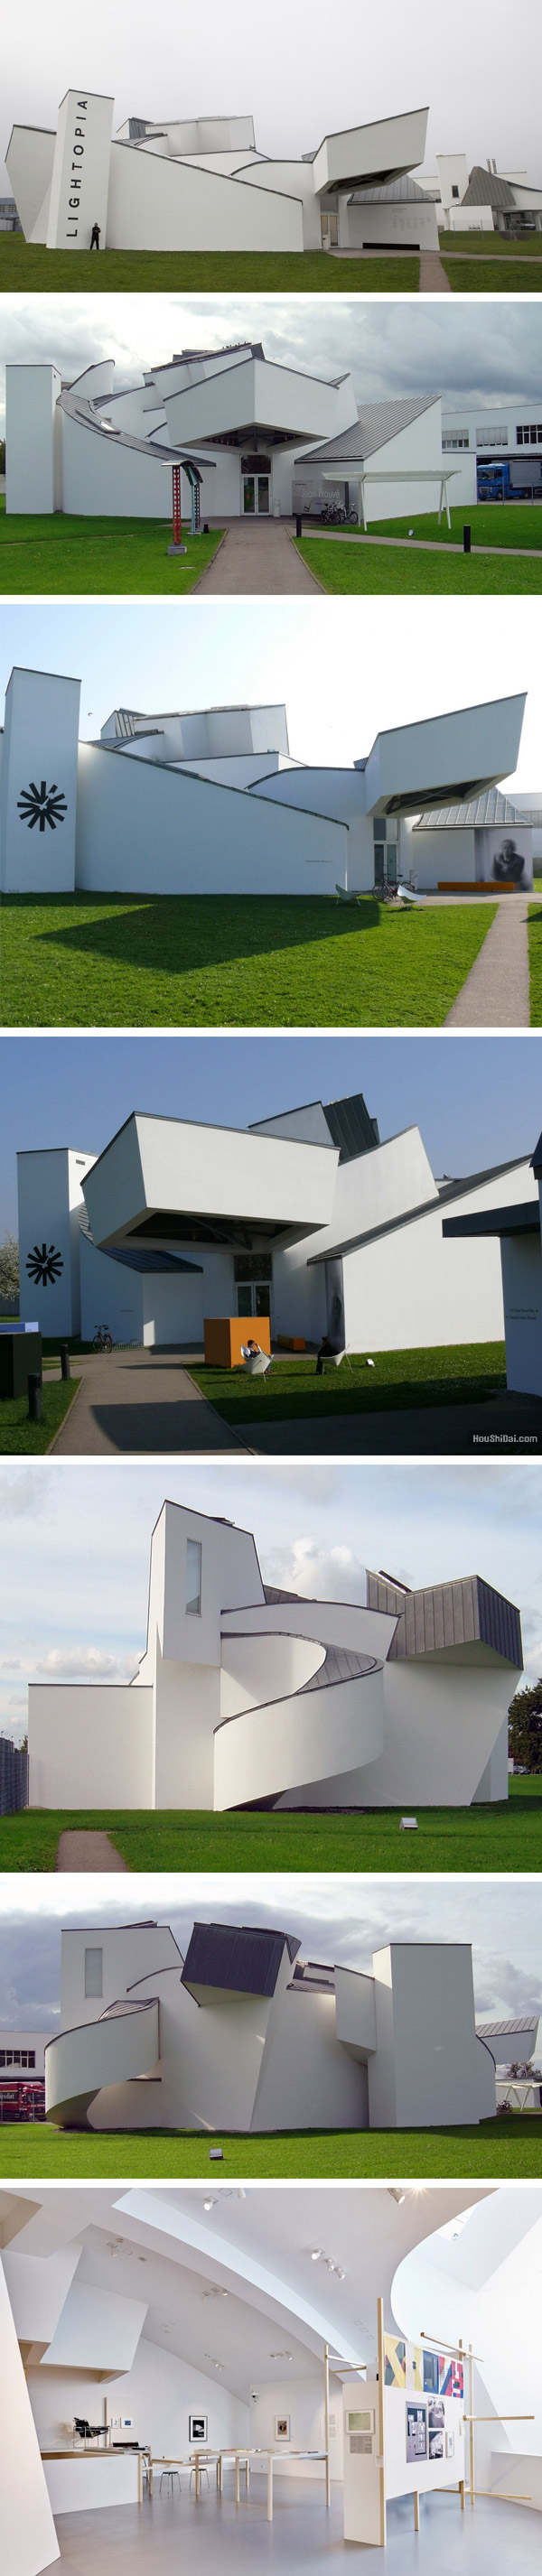 弗兰克盖里 Frank Gehry 与解构主义